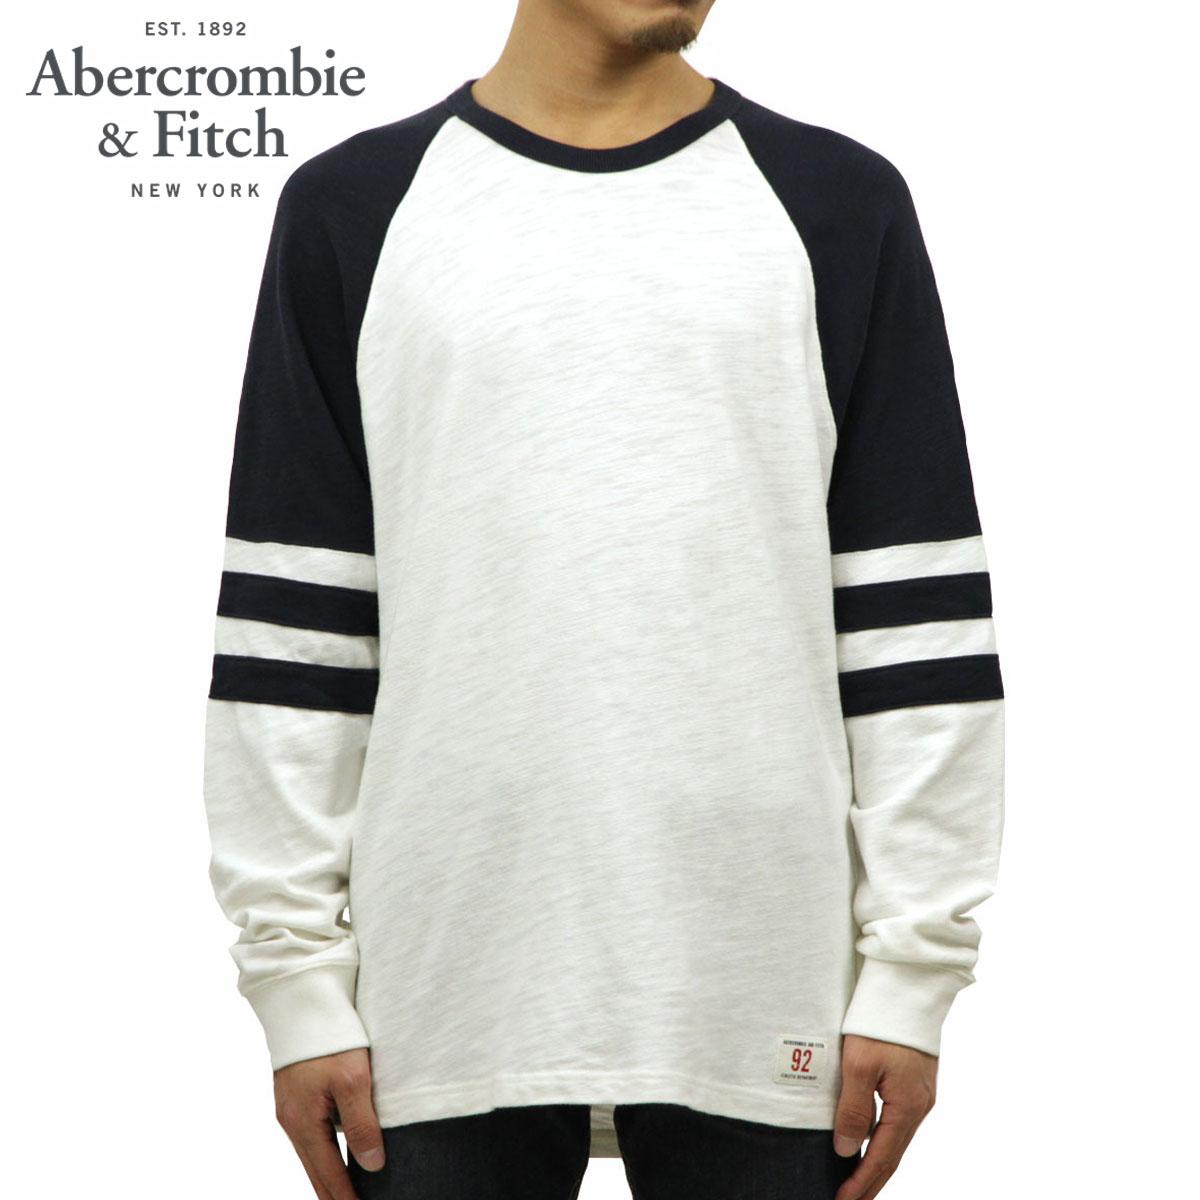 アバクロ Abercrombie&Fitch 正規品 メンズ クルーネック 長袖Tシャツ LONG-SLEEVE VARSITY TEE 124-228-0207-104